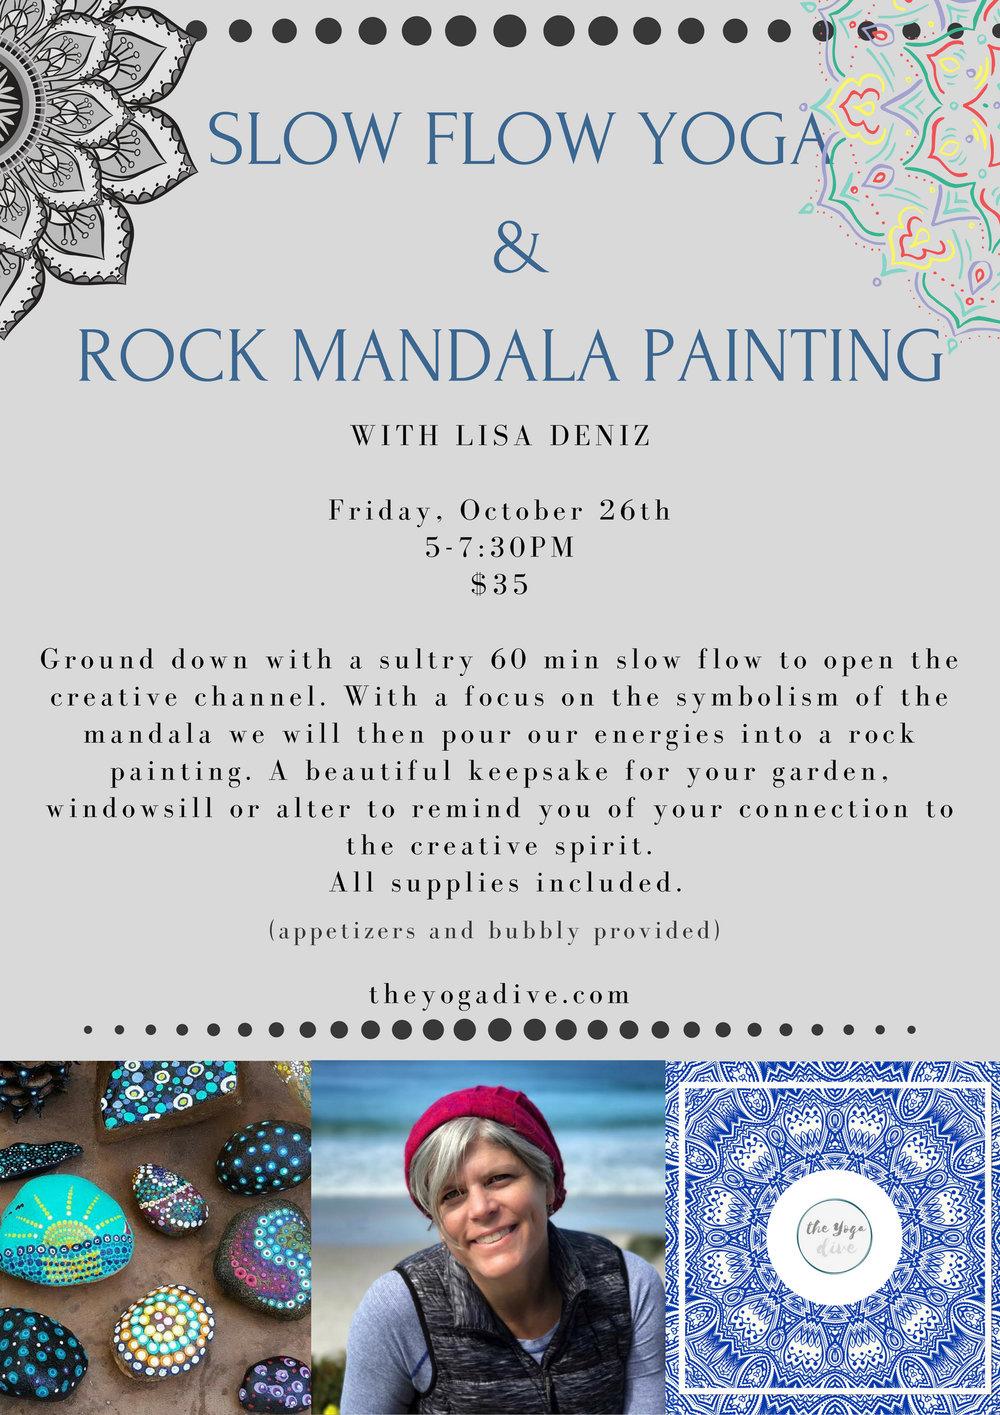 Artist Lisa Deniz and beautiful Painted Rock Mandalas